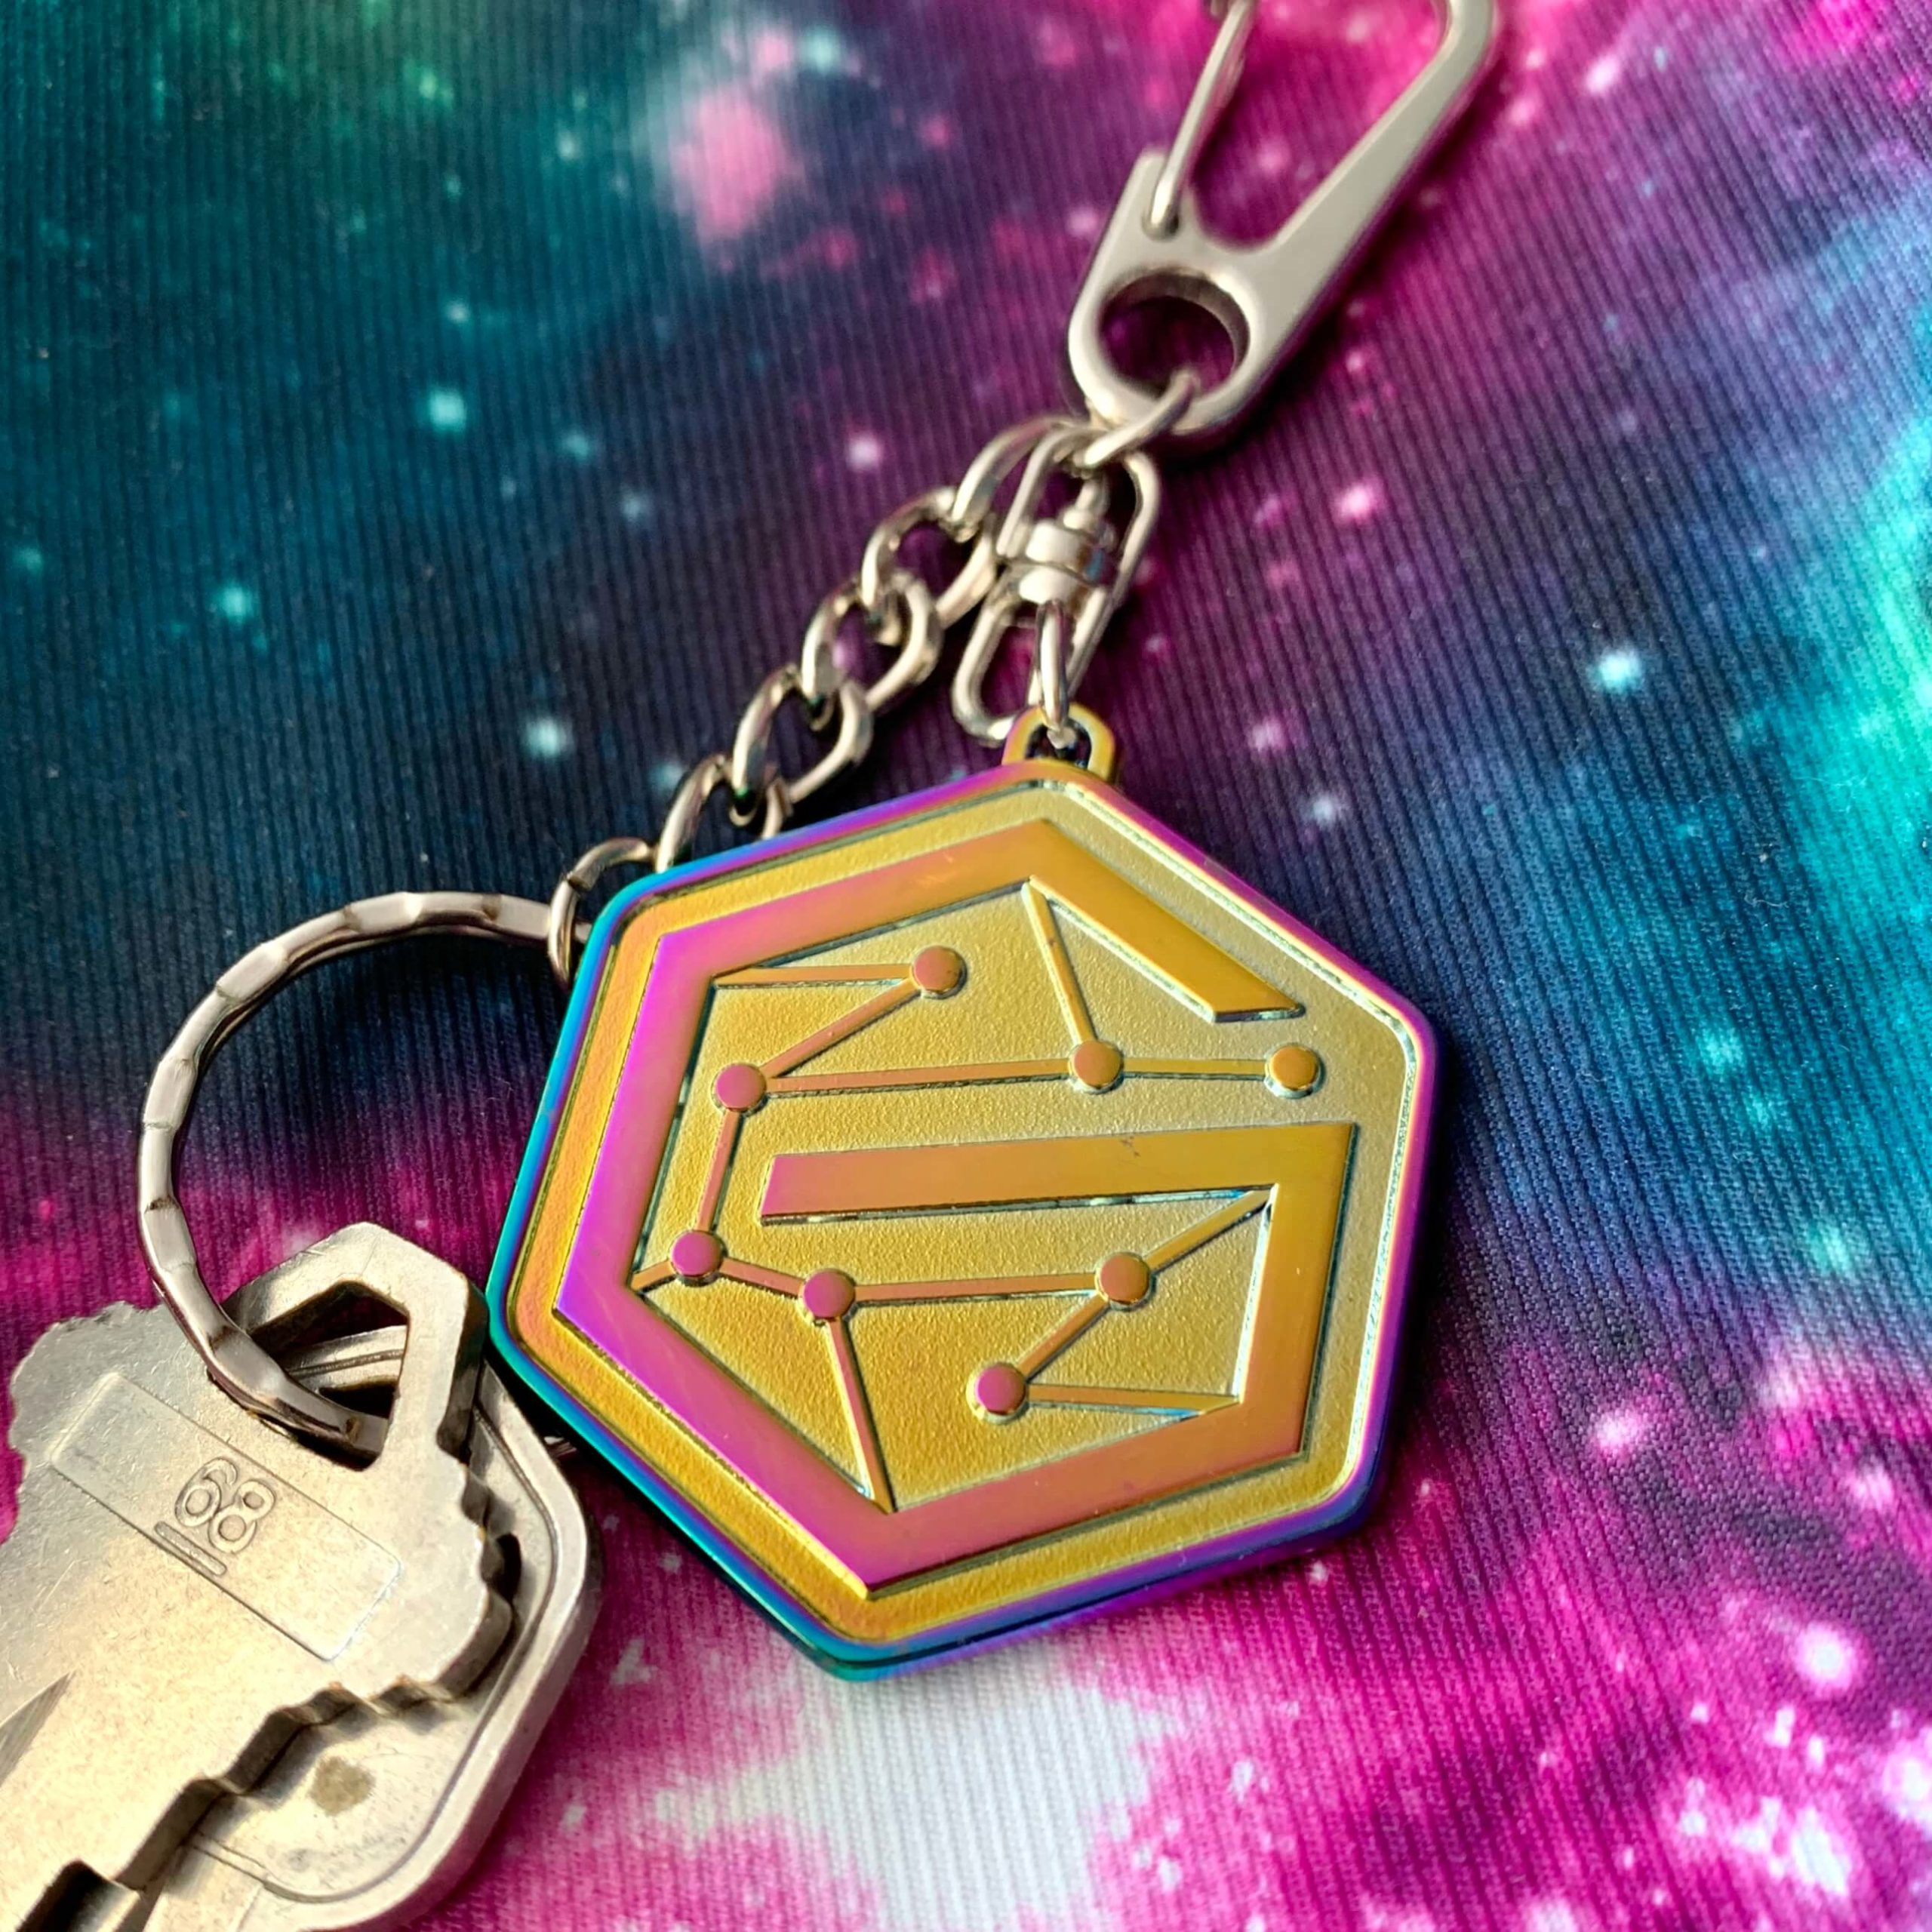 Galaxy keychain v2